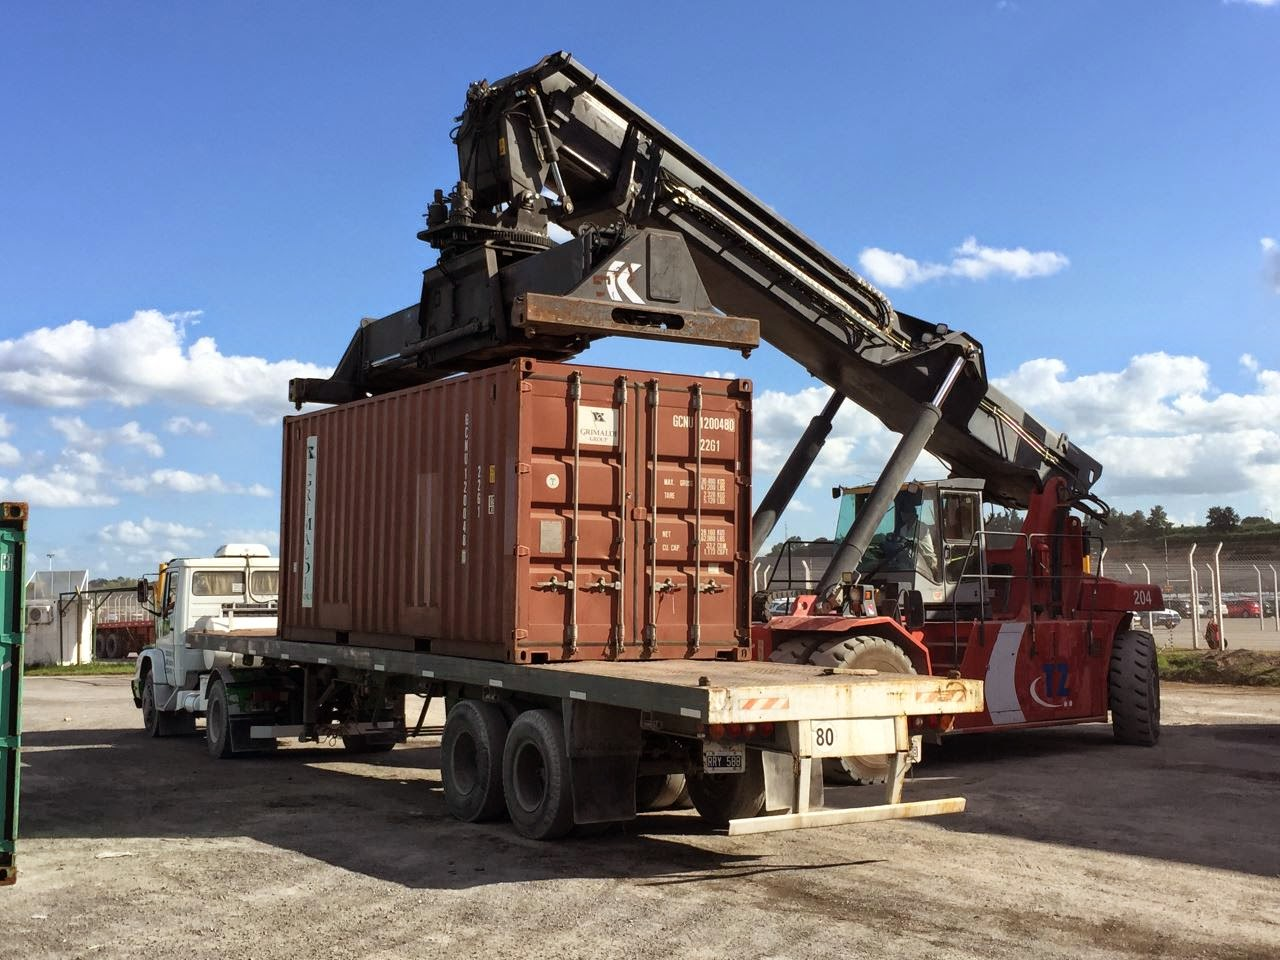 Das verschiffen eines Fahrzeuges nach Südamerika im Container. Von Geländewagen, 4x4 bis zum Wohnmobil